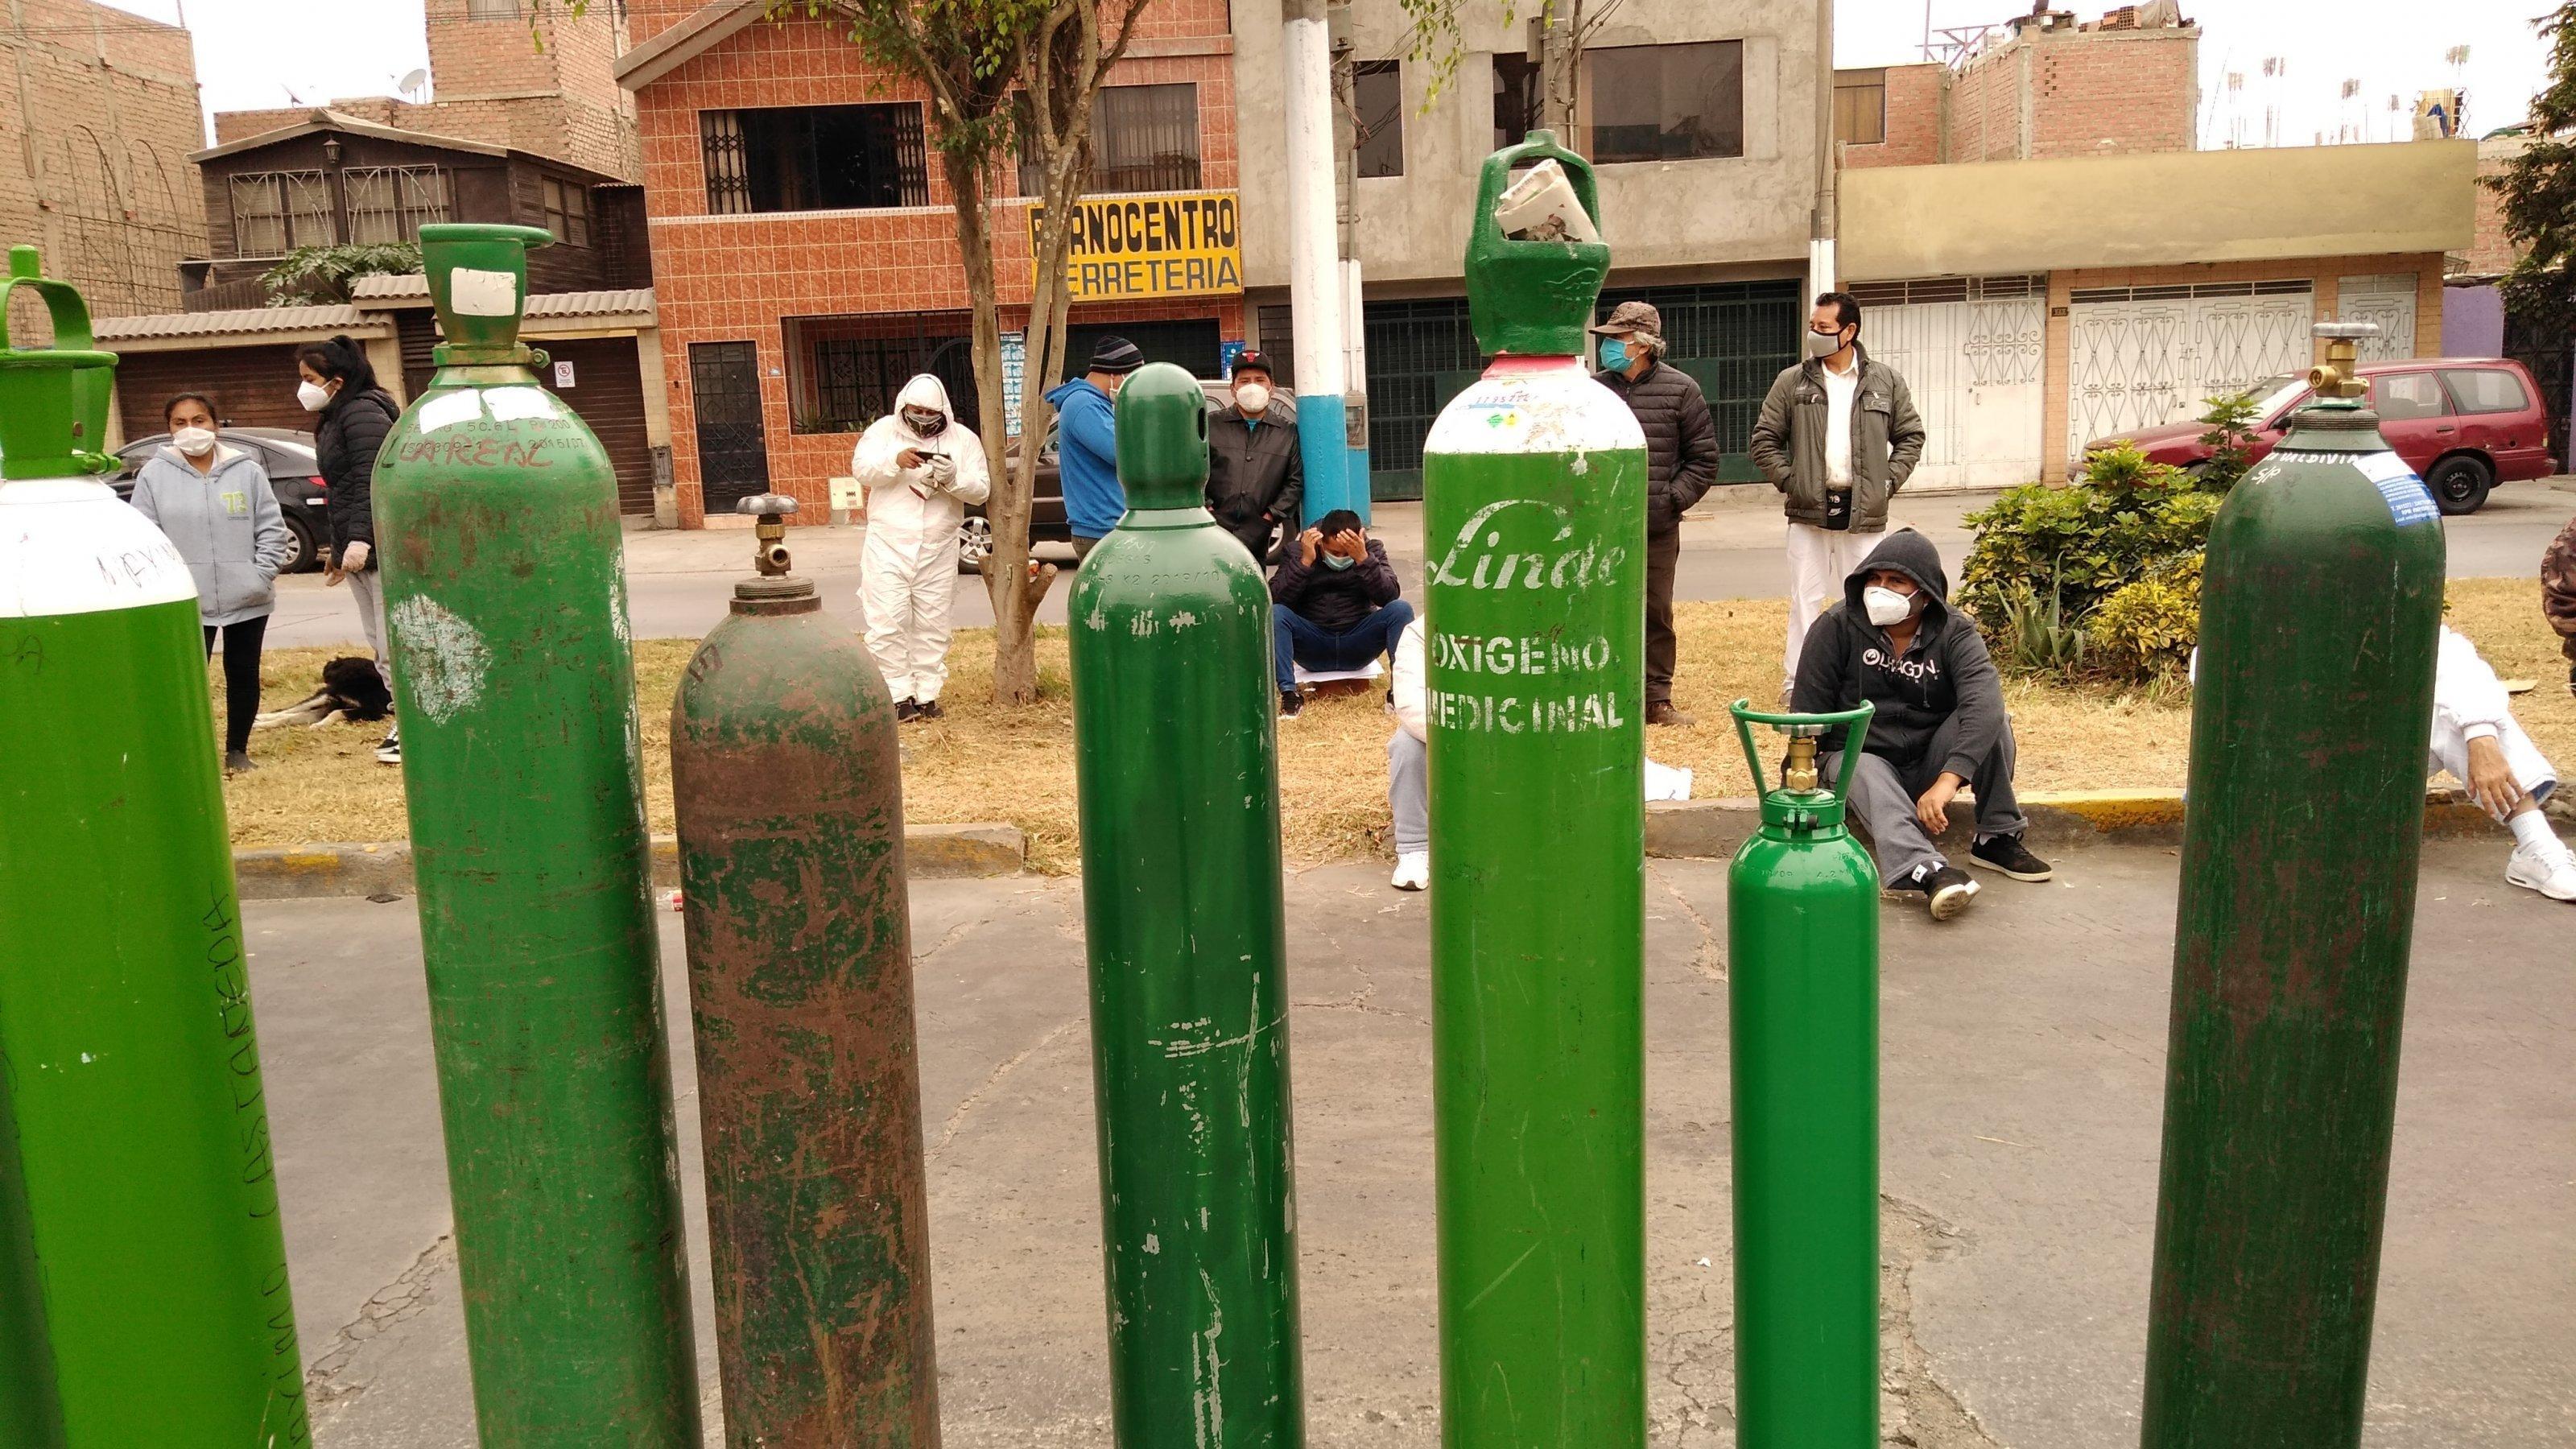 Grüne mannshohe Sauerstoff-Flaschen stehen in einer Reihe auf einer Strasse. Dahinter sieht man einige Menschen, zum Teil in Schutzkleidung.